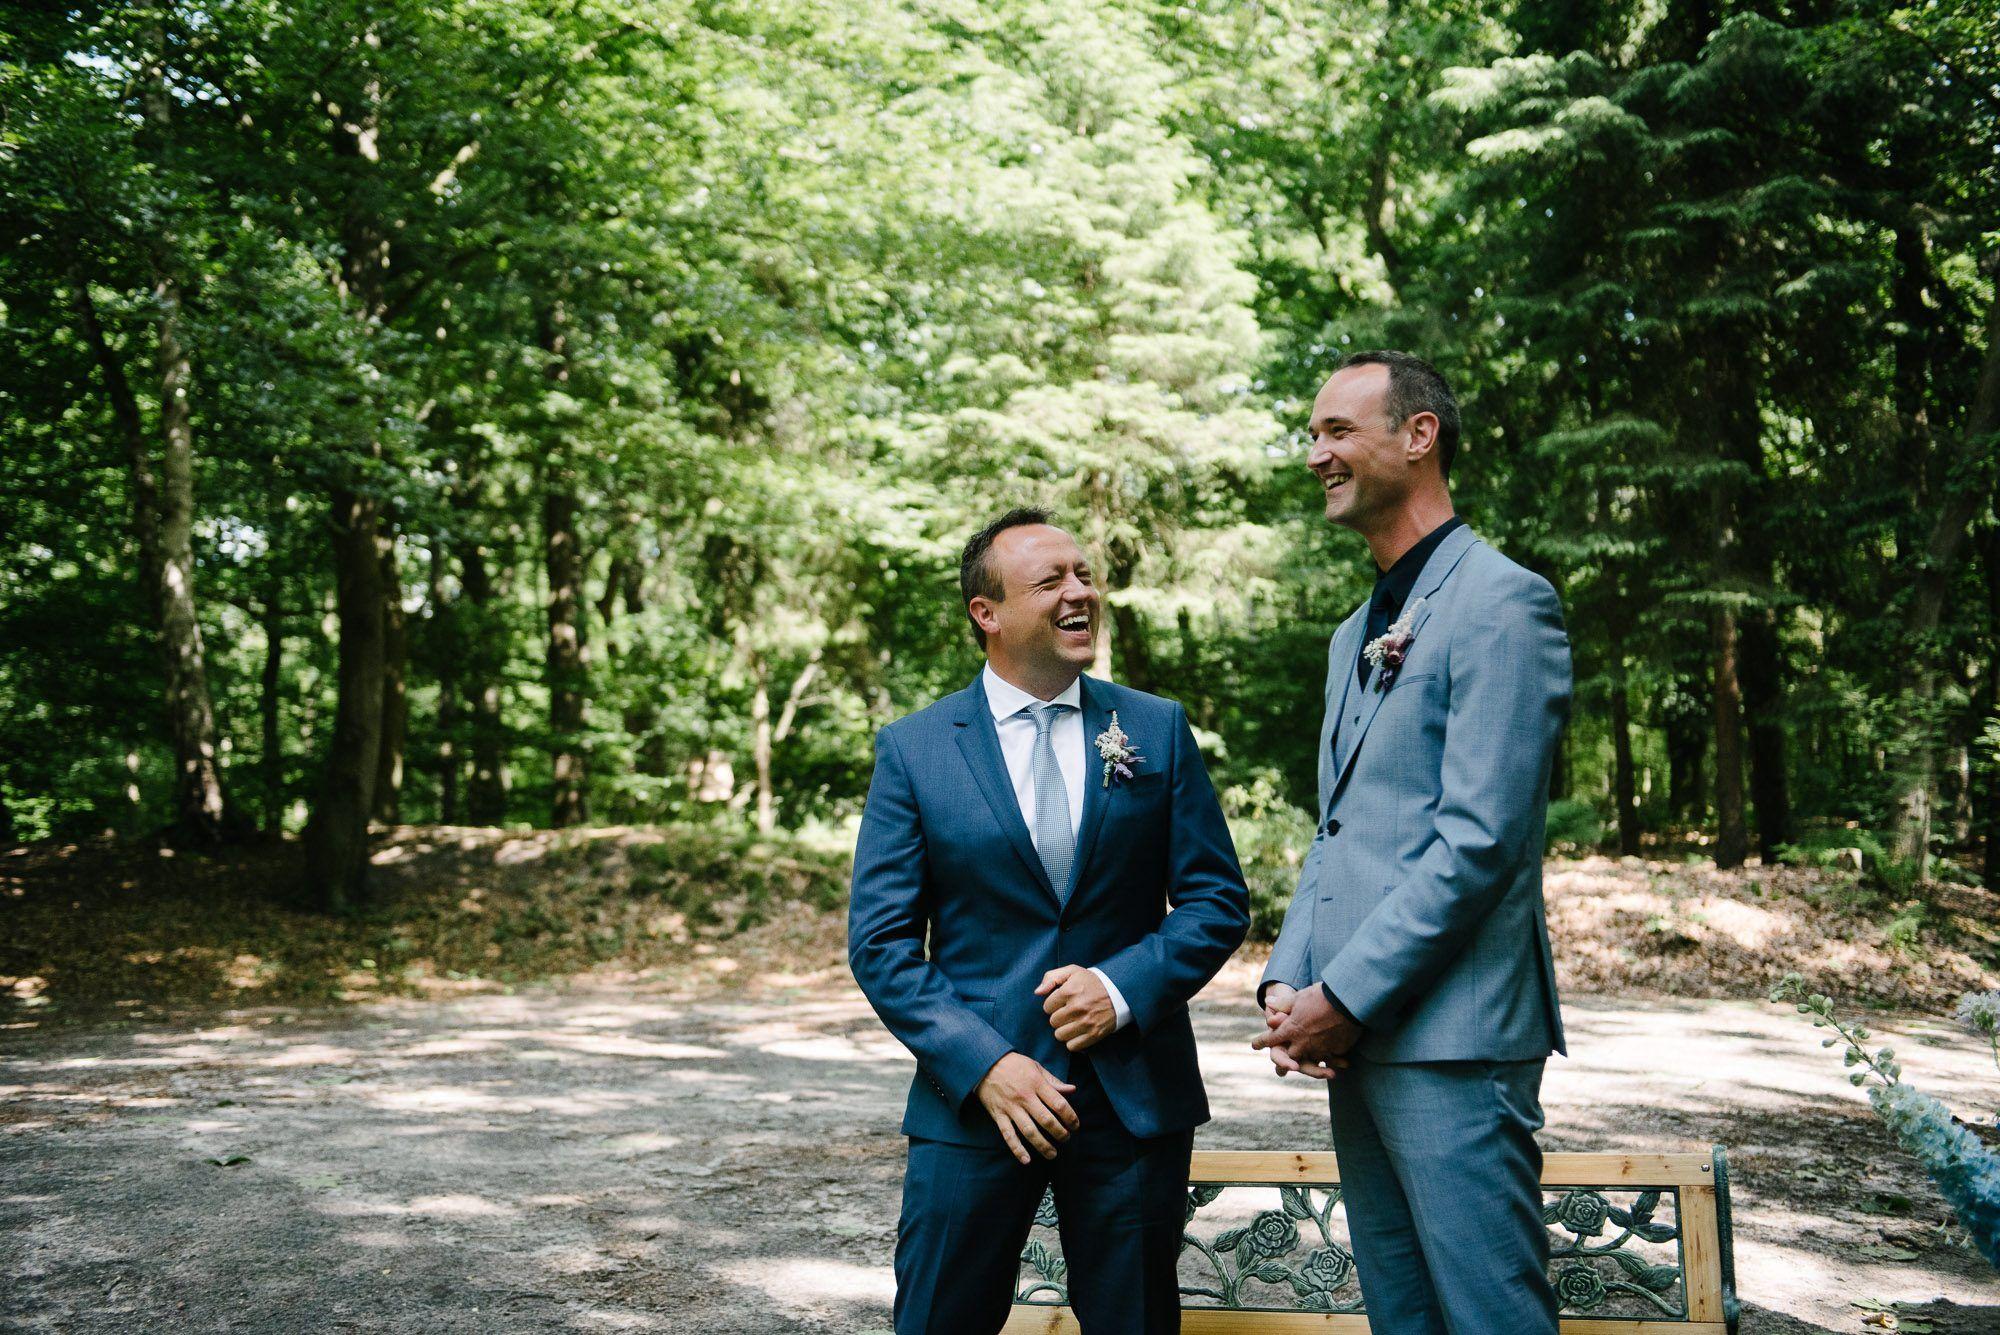 fotograaf homohuwelijk Utrecht